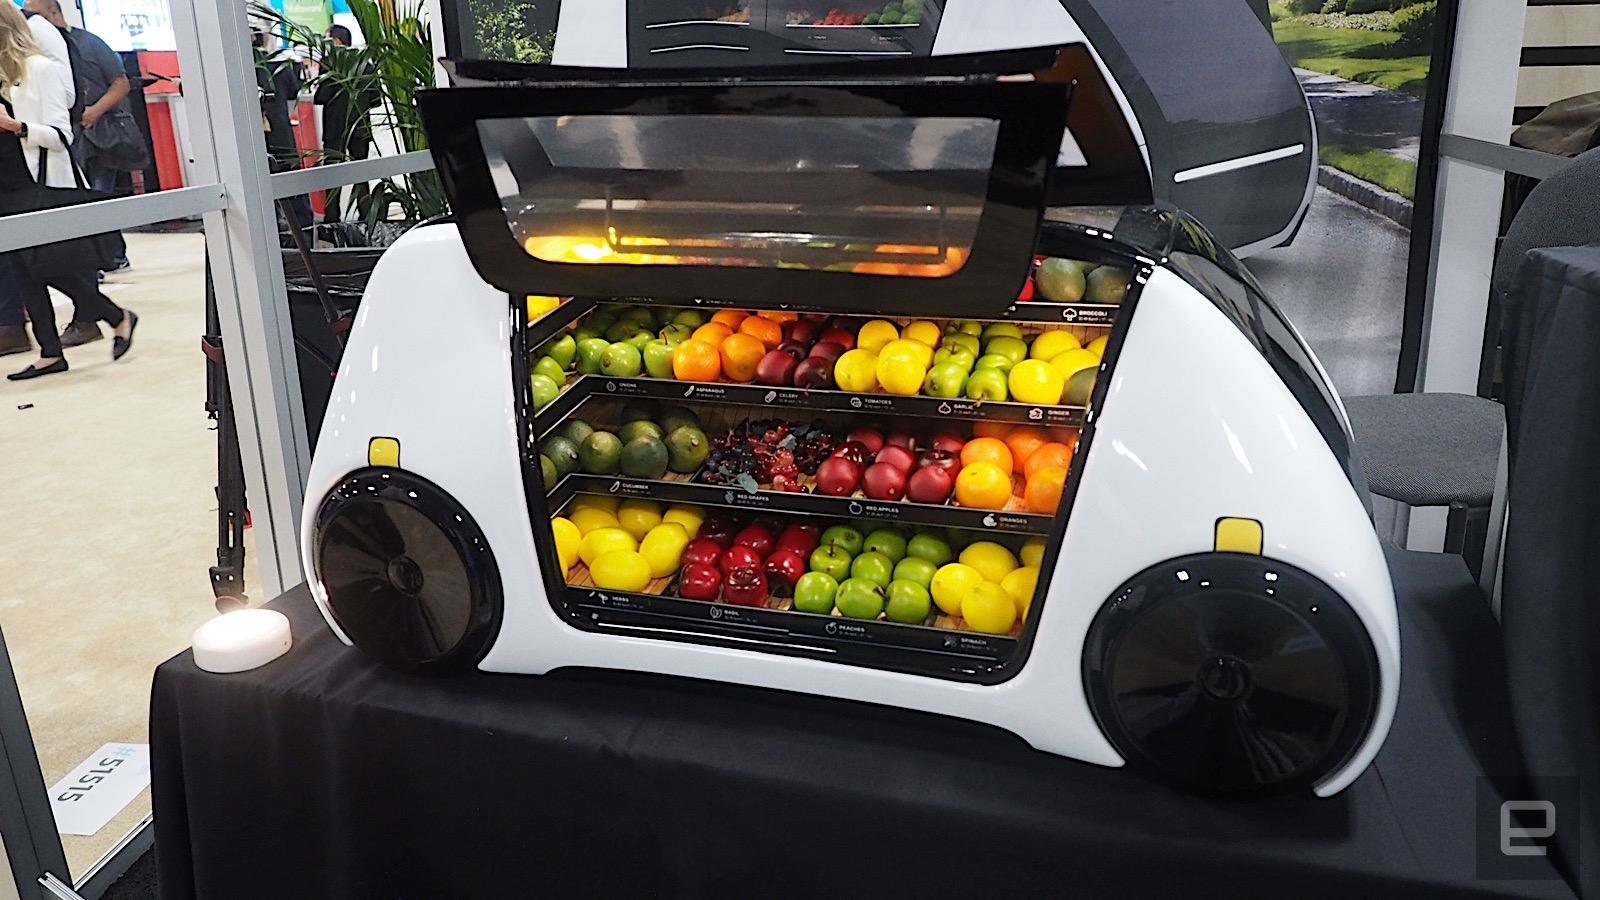 Robomart: Im Sommer kommt der autonome Gemüsehändler auf die Straßen